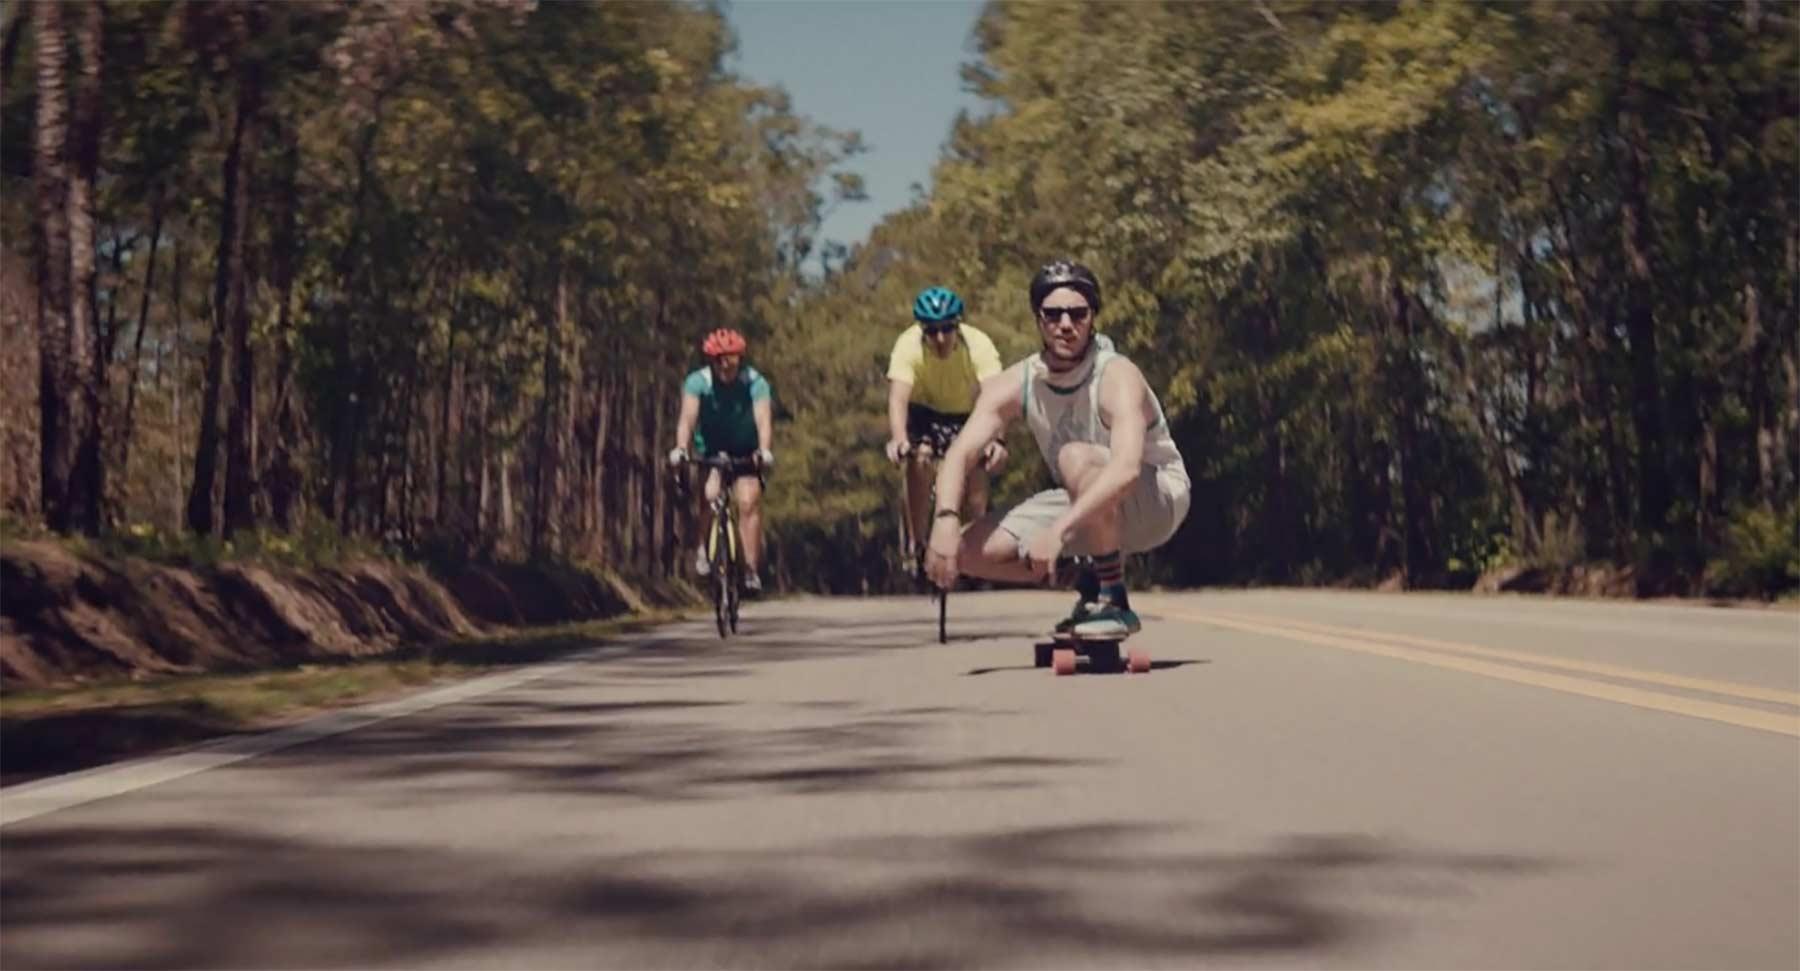 Filmcrew filmte Musikvideo, wenn der Kunde grad nicht hingeschaut hat droptree-hd-delivery